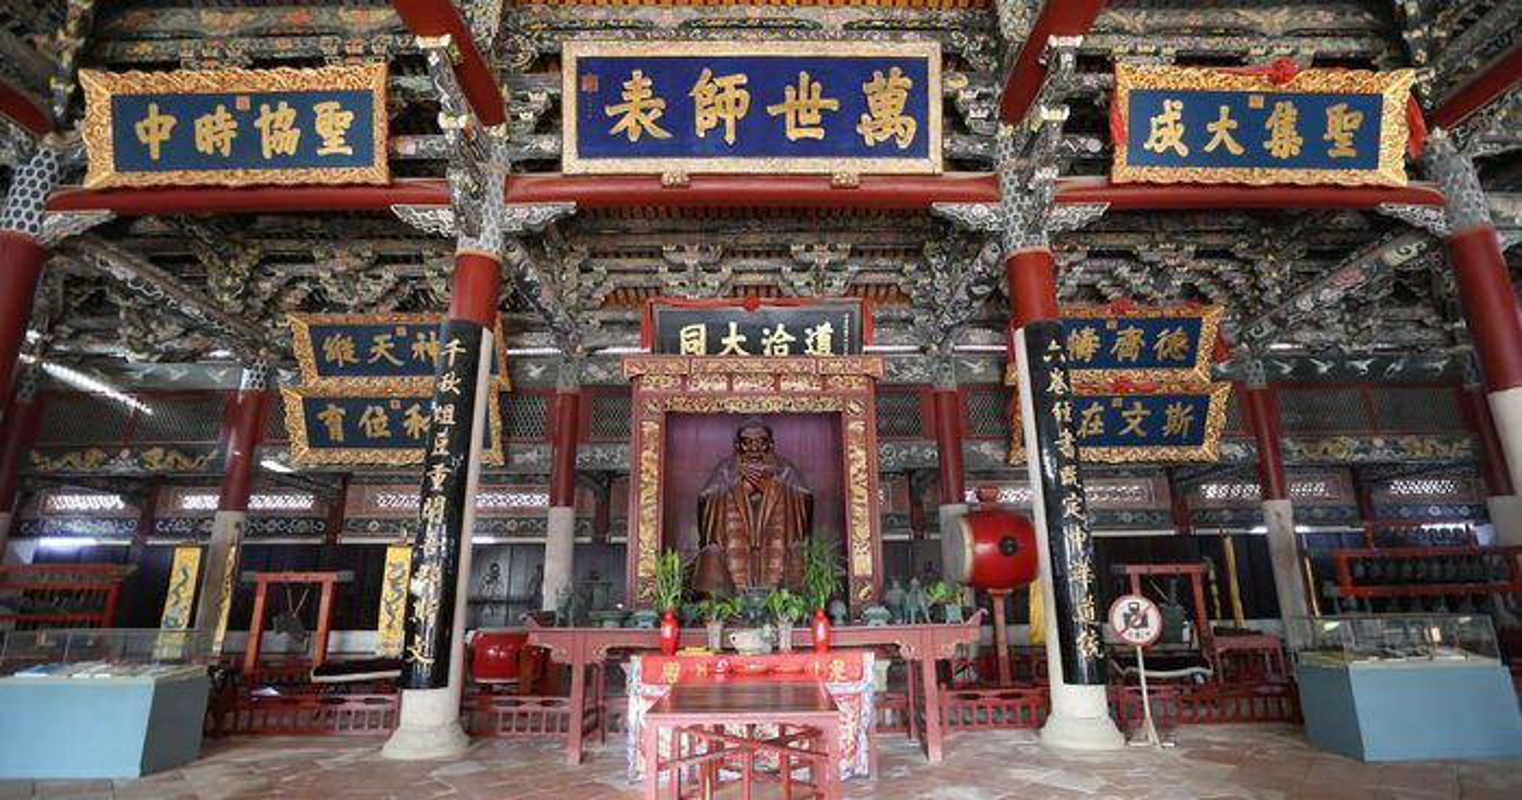 Dep me di san moi nhat cua Trung Quoc duoc UNESCO cong nhan-Hinh-7